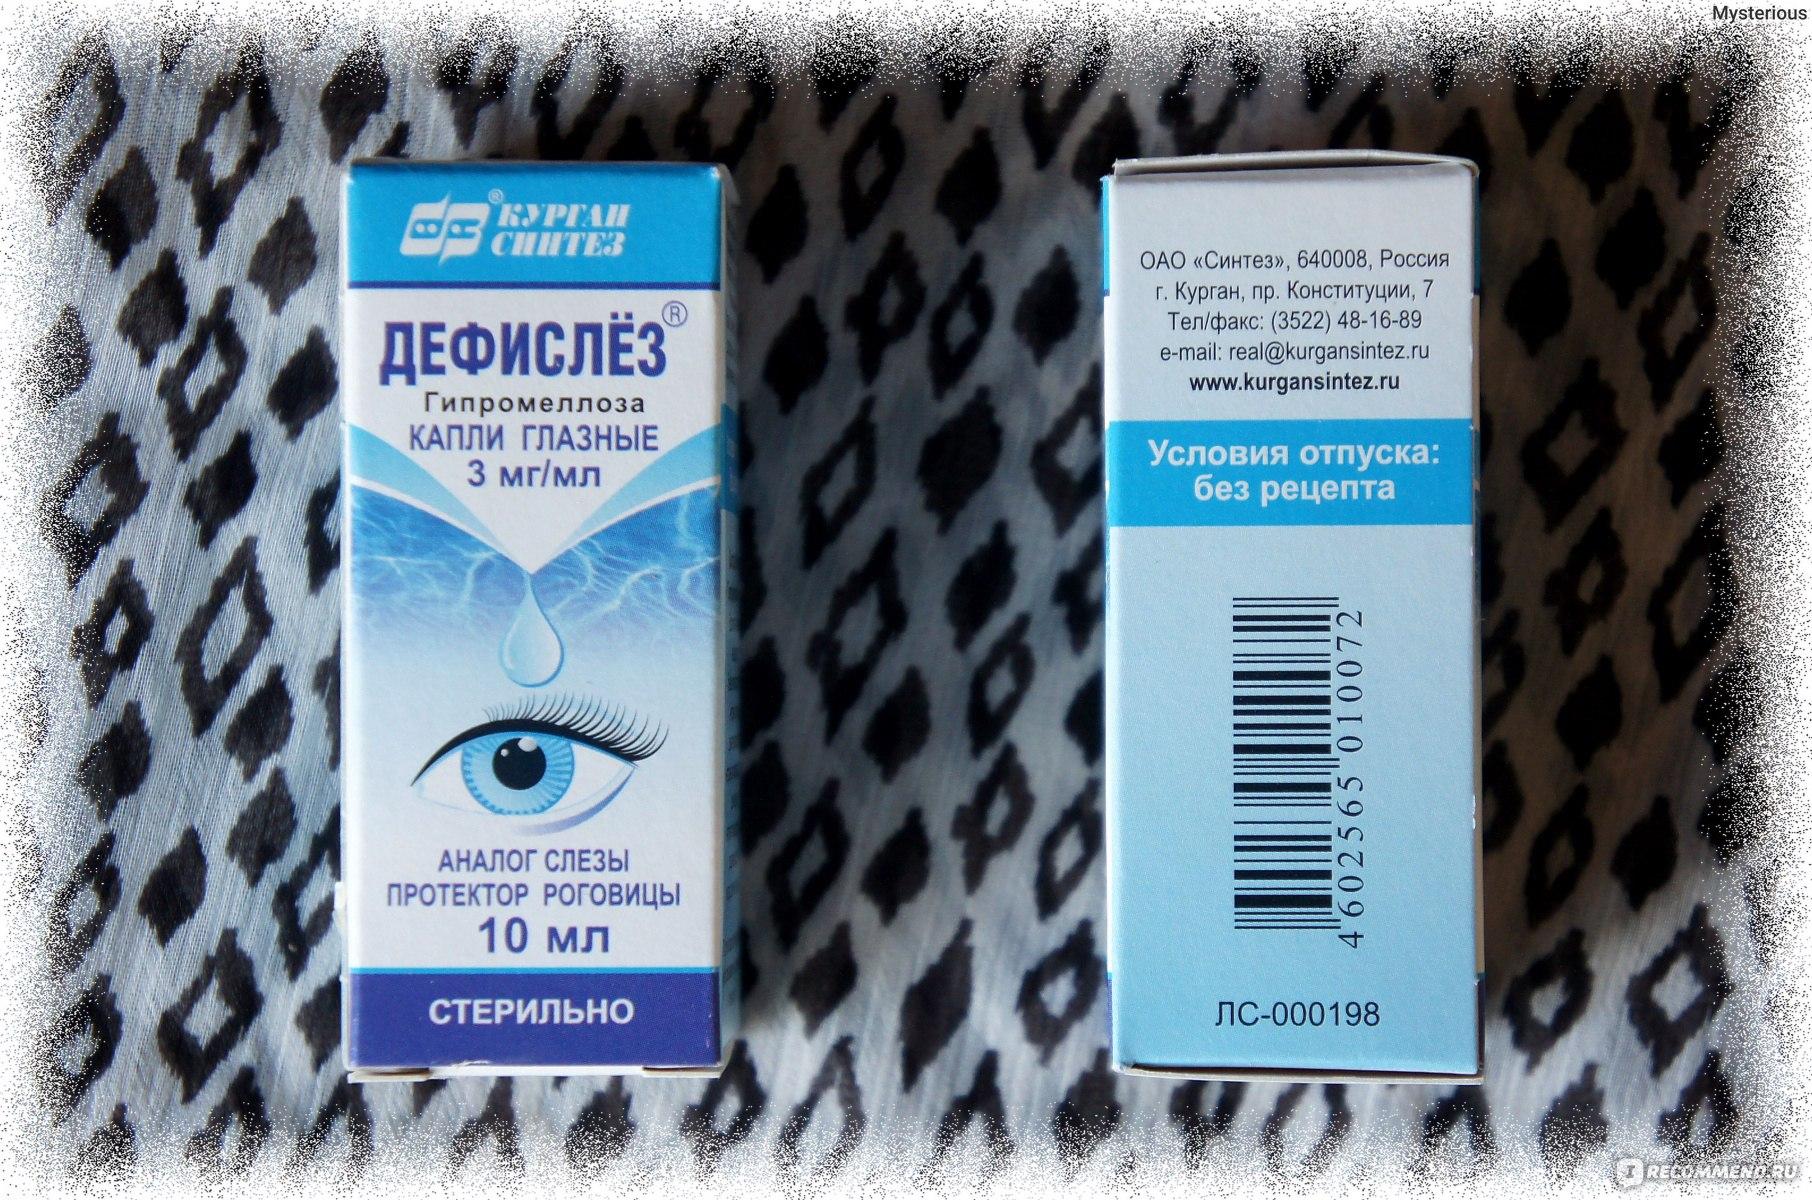 «дефислёз» (глазные капли): инструкция по применению, цена, аналоги, отзывы